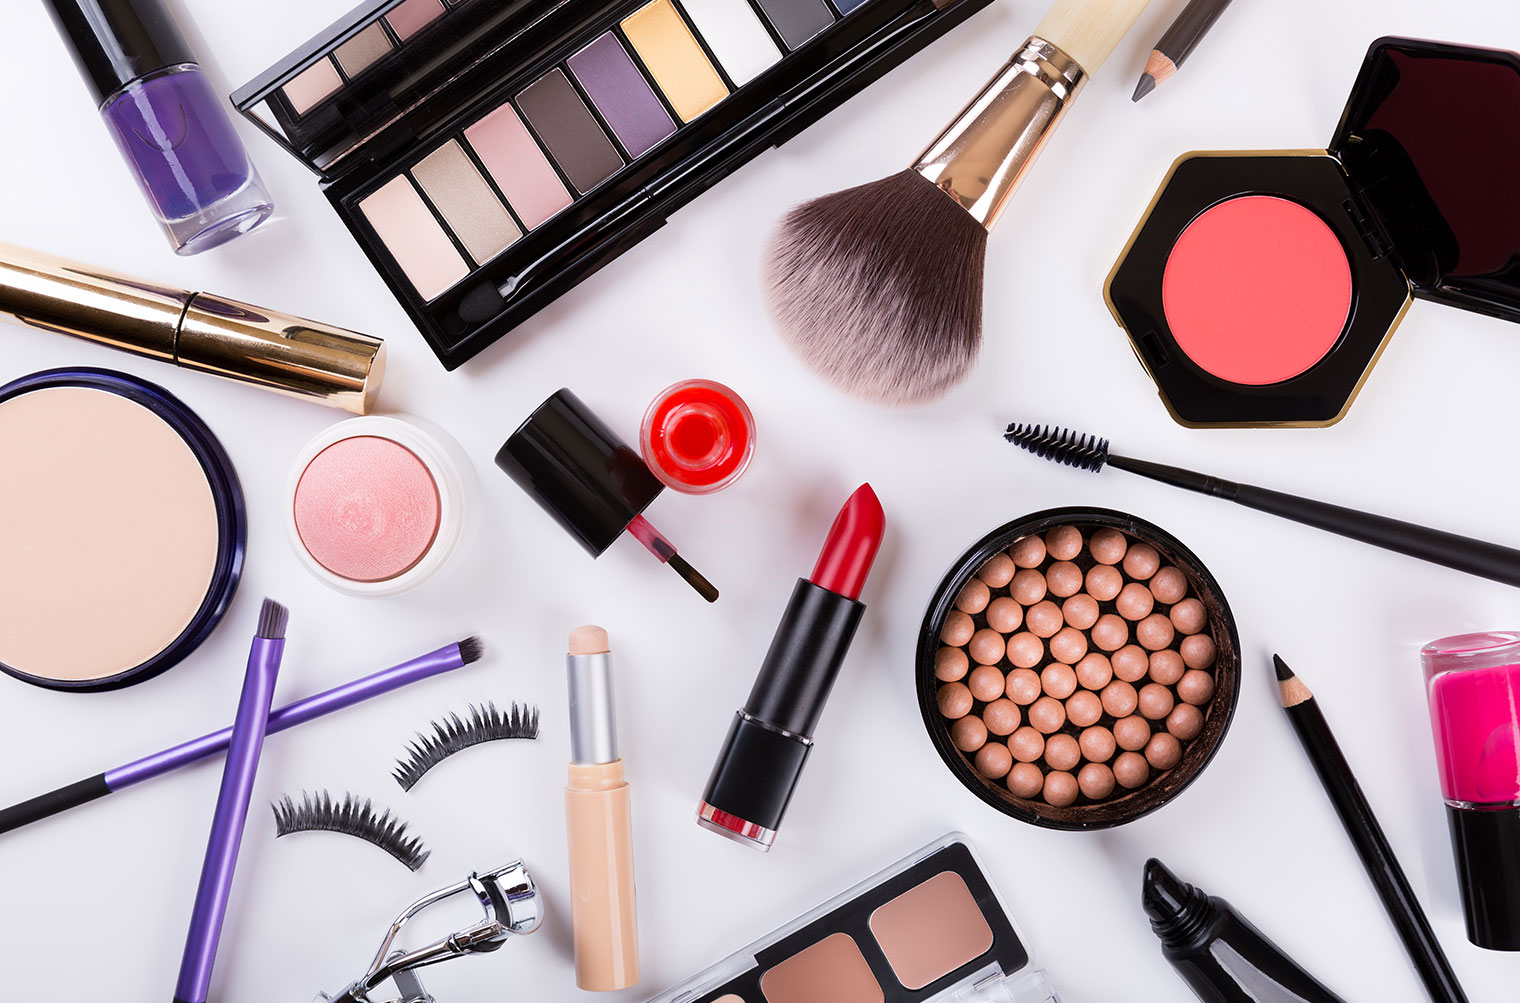 化粧品やコスメ収納方法のアイデアを一挙公開!使いやすくおしゃれ